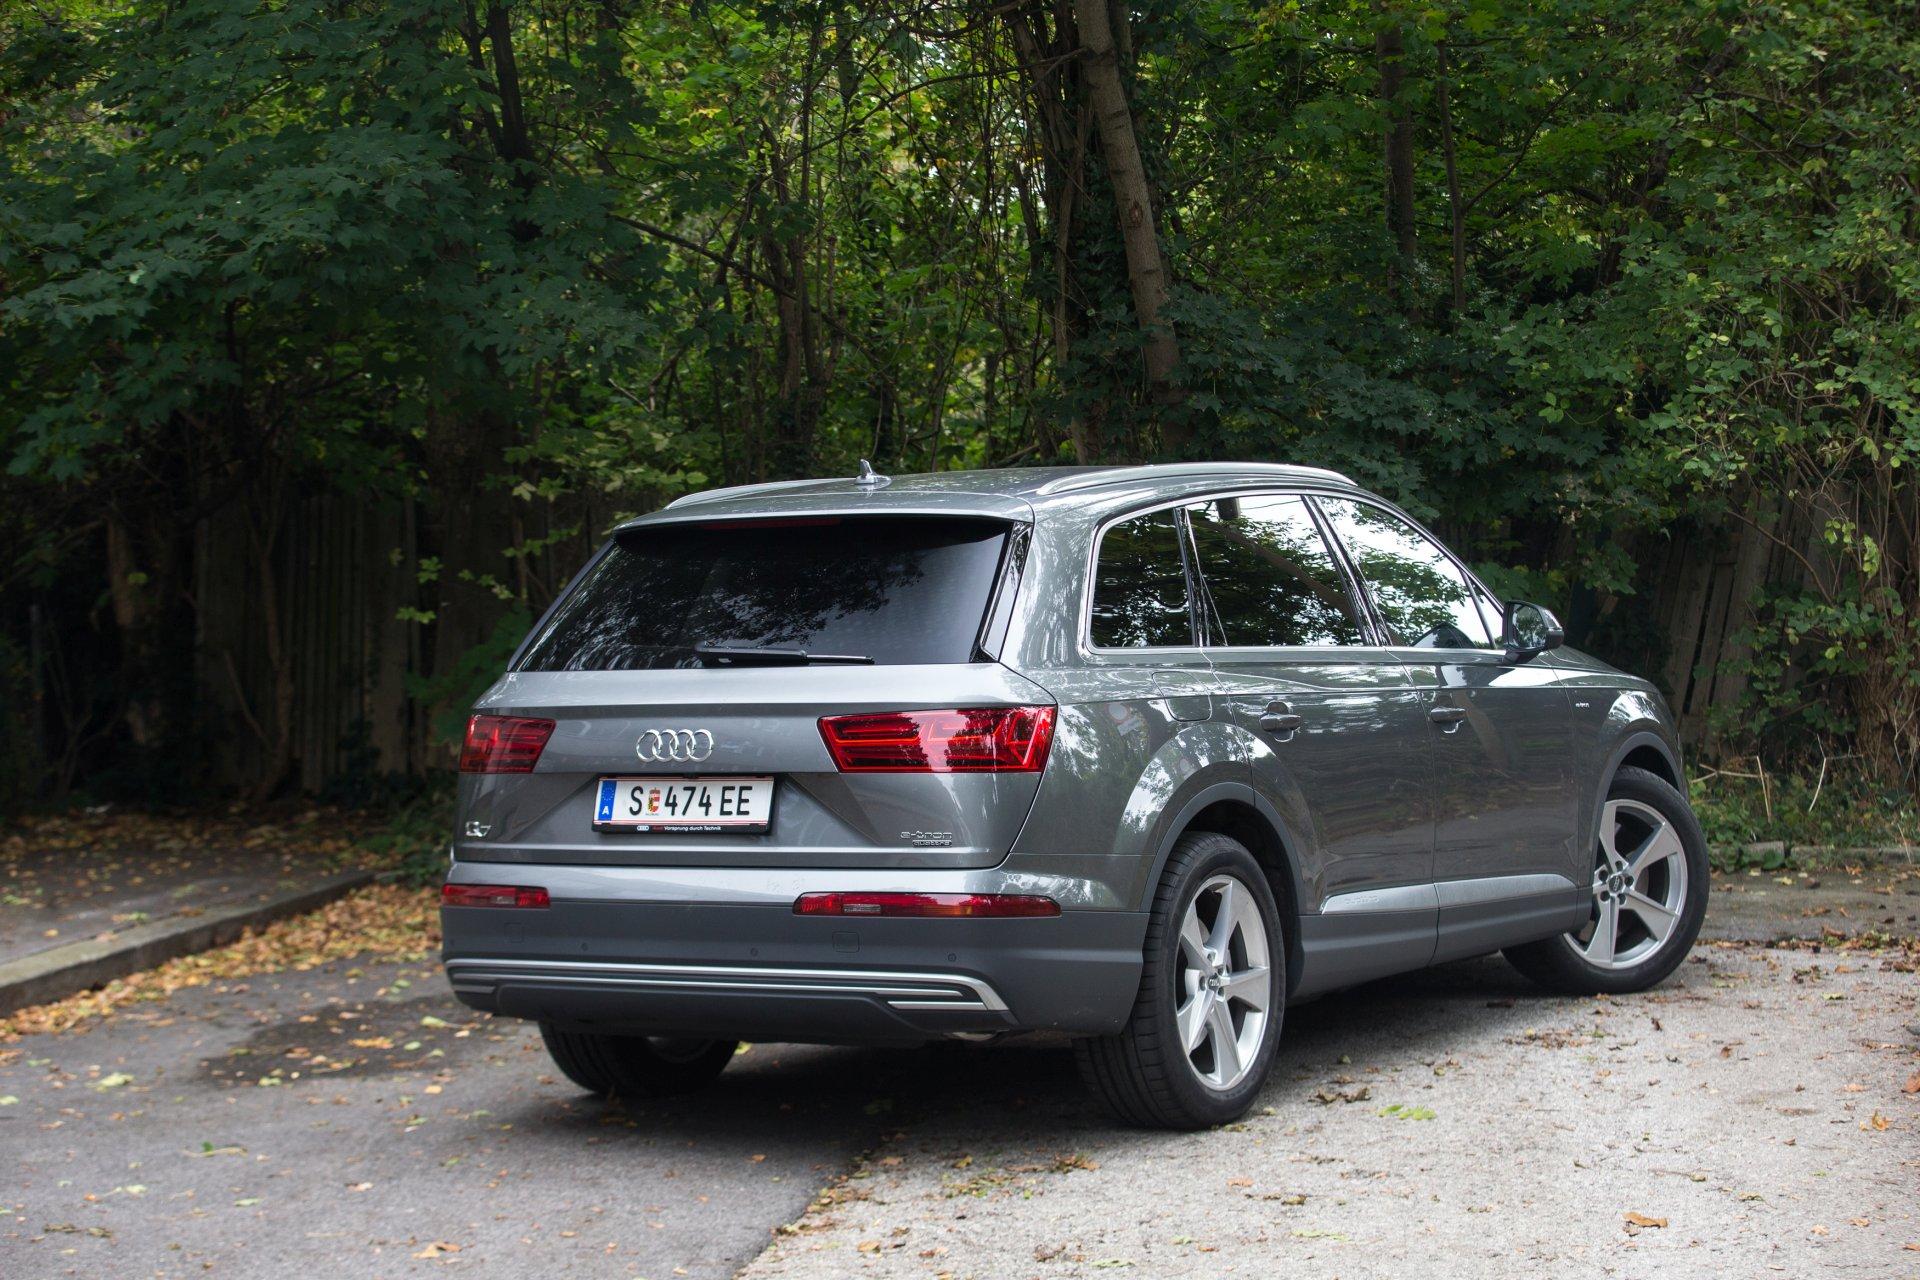 Audi Etron Quattro >> TEST: Audi Q7 e-tron quattro - ALLES AUTO